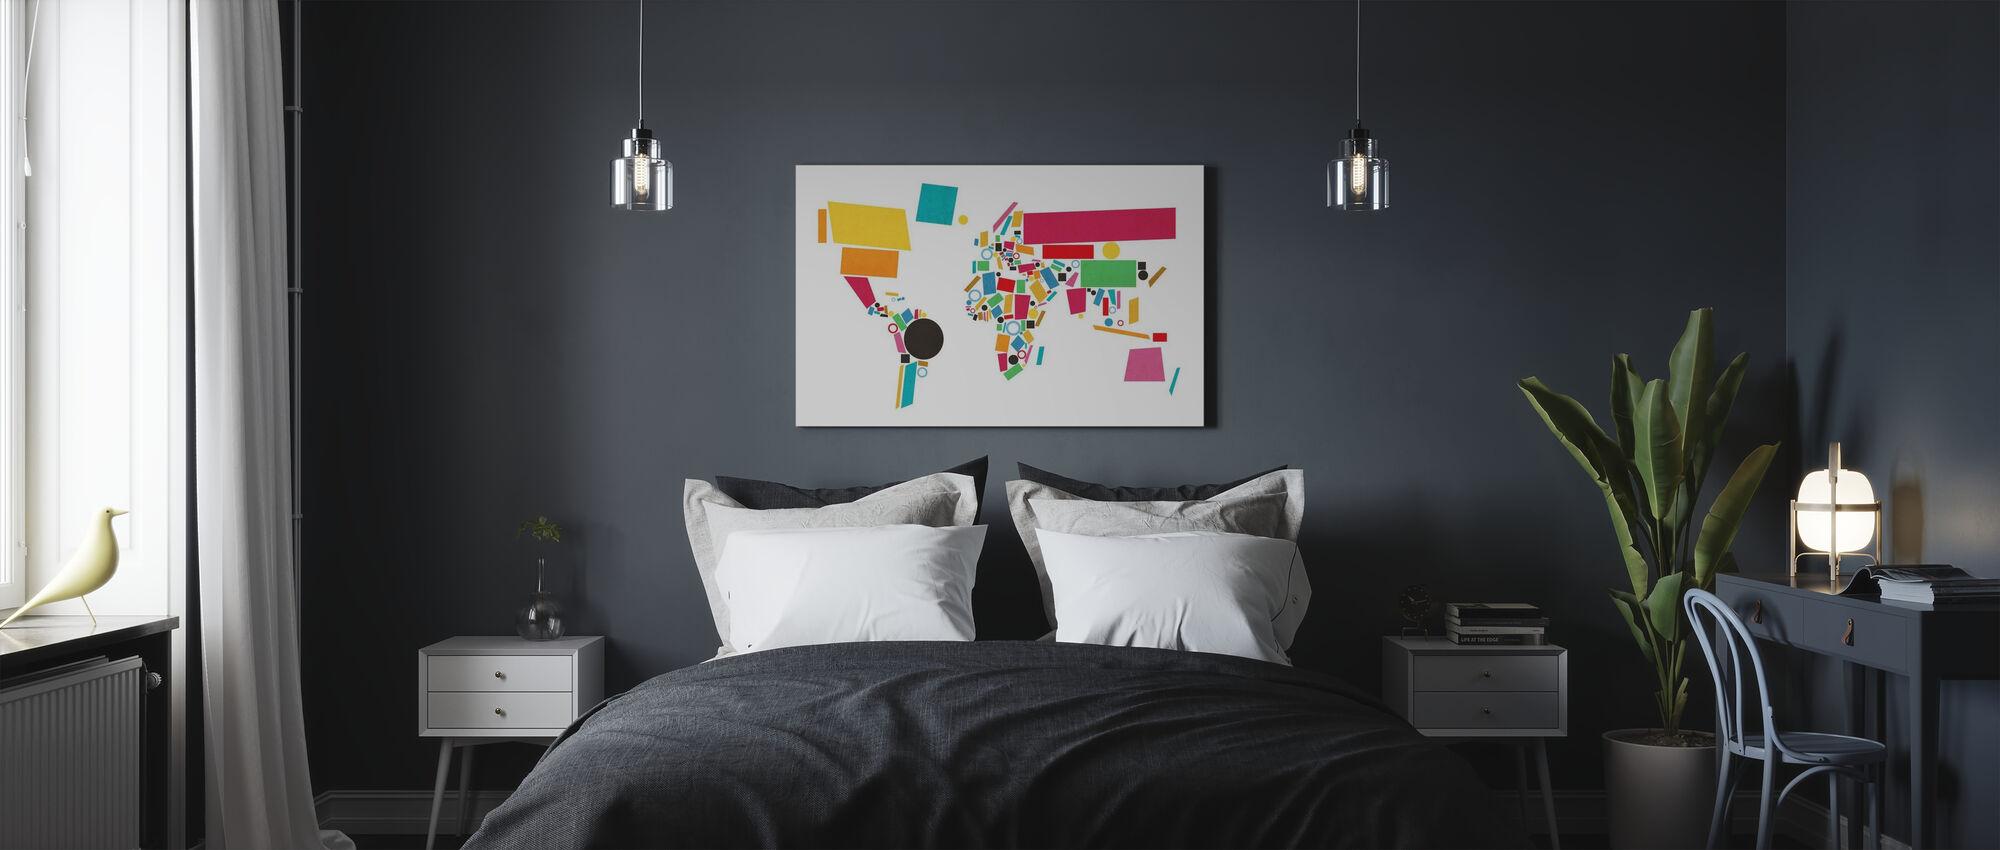 Abstract Wereld Kaart Vierkanten 2 - Canvas print - Slaapkamer